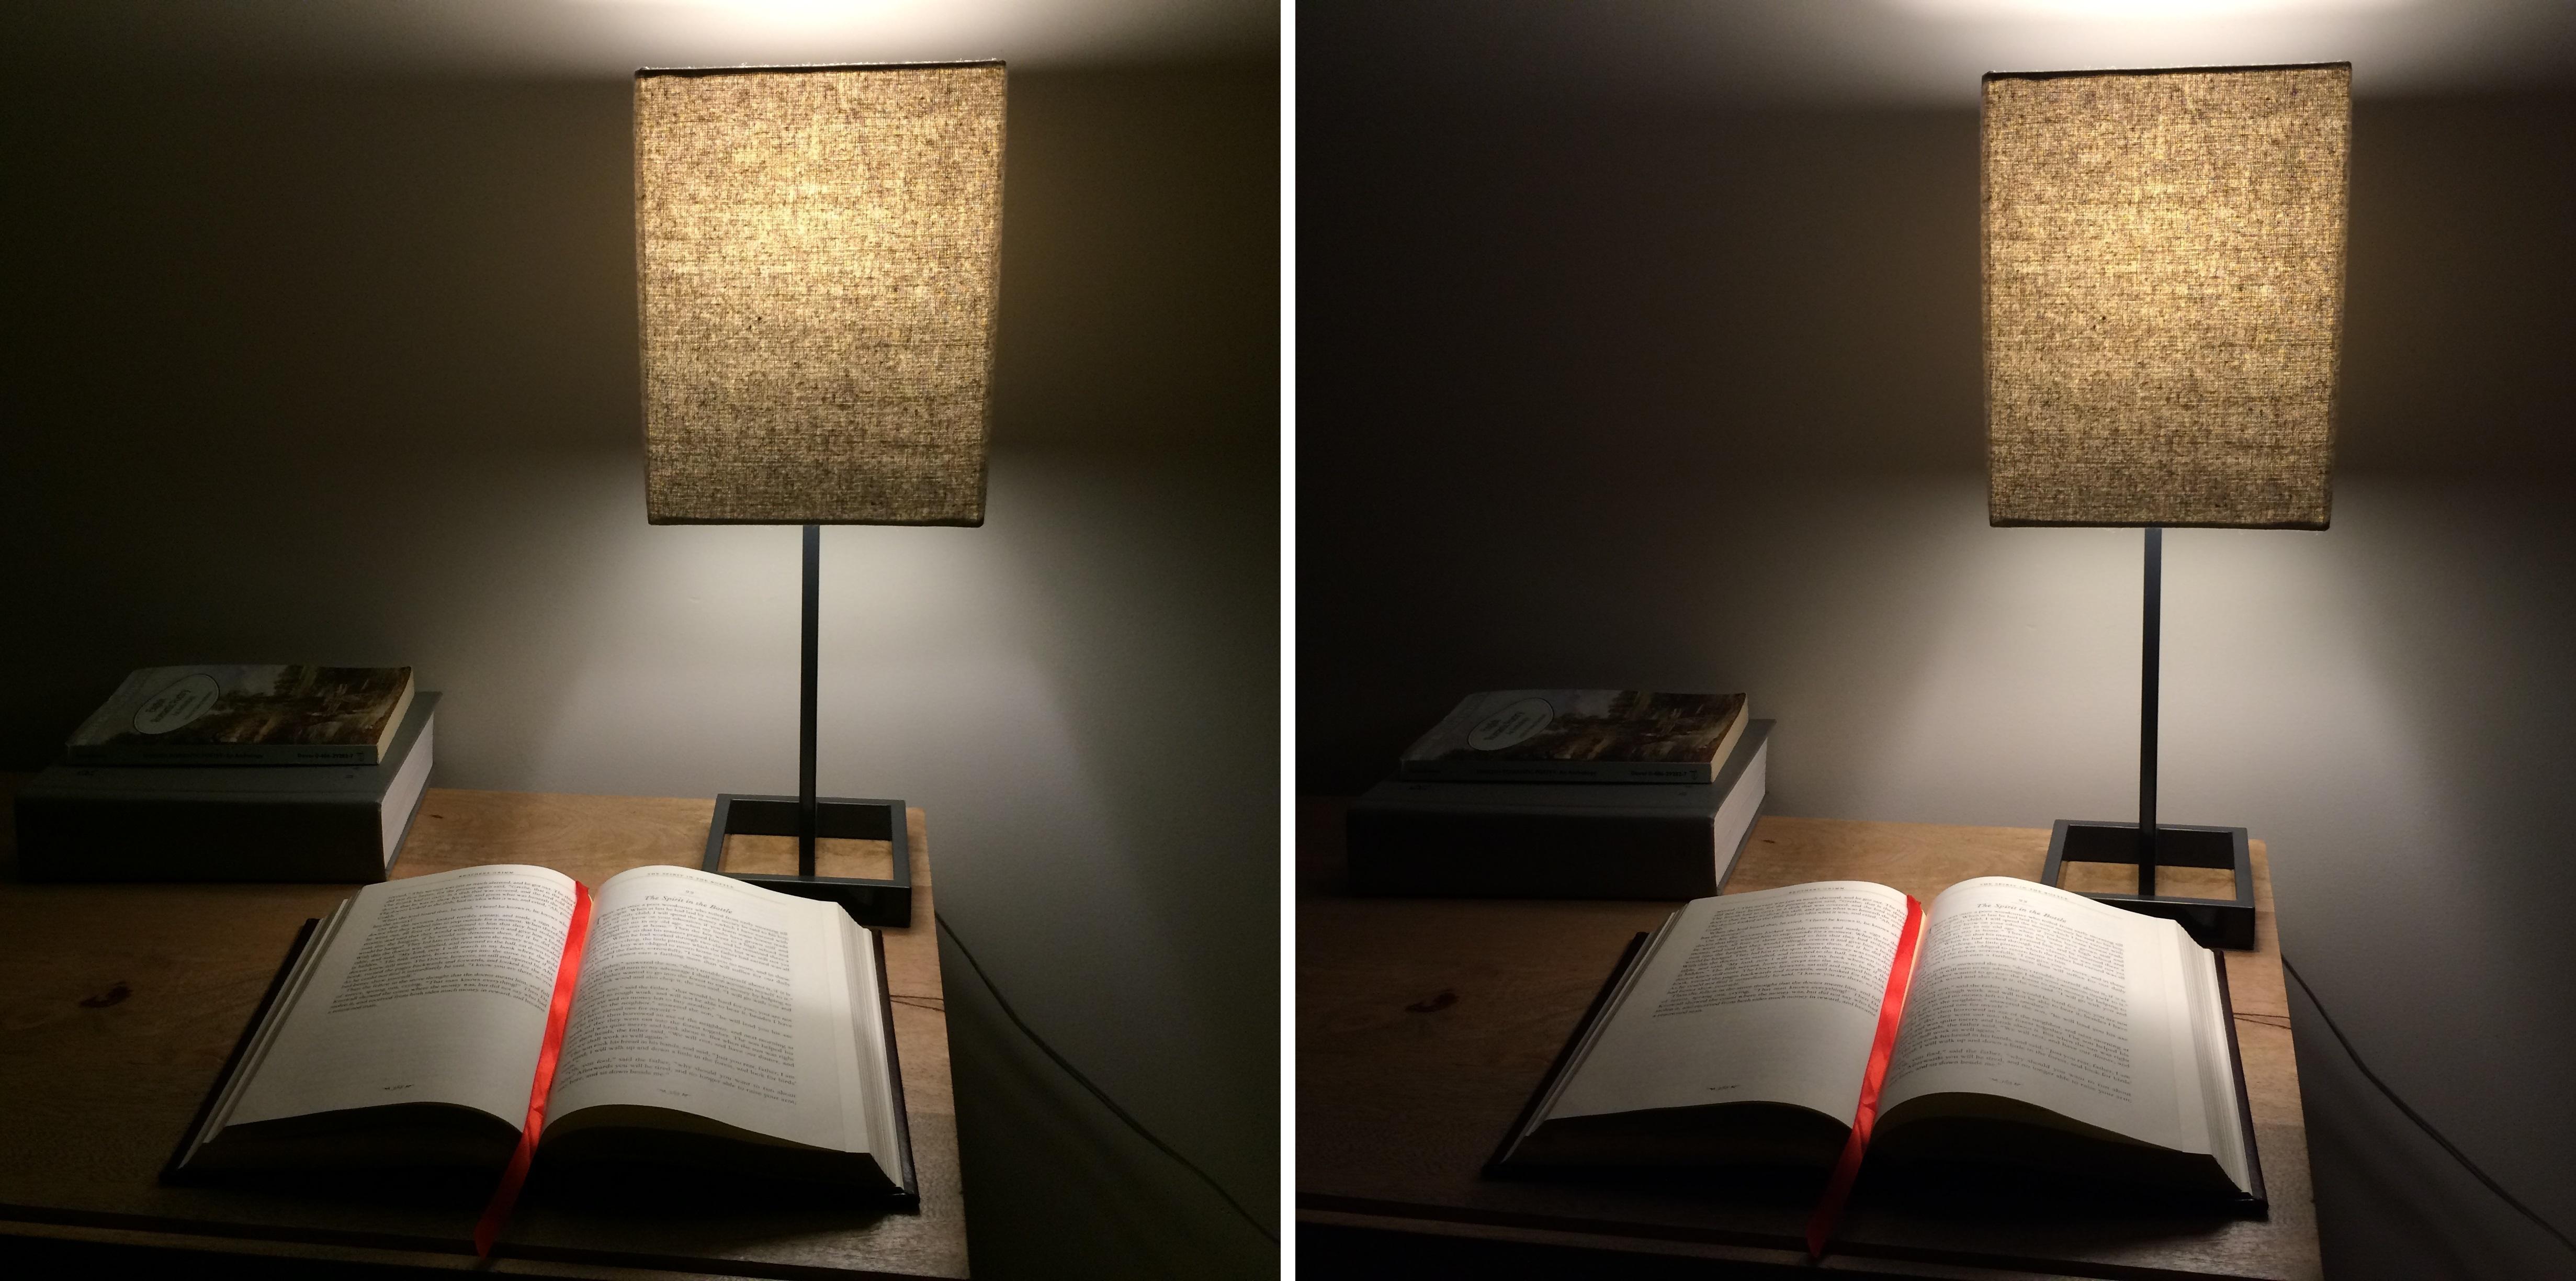 LED bulb illumination